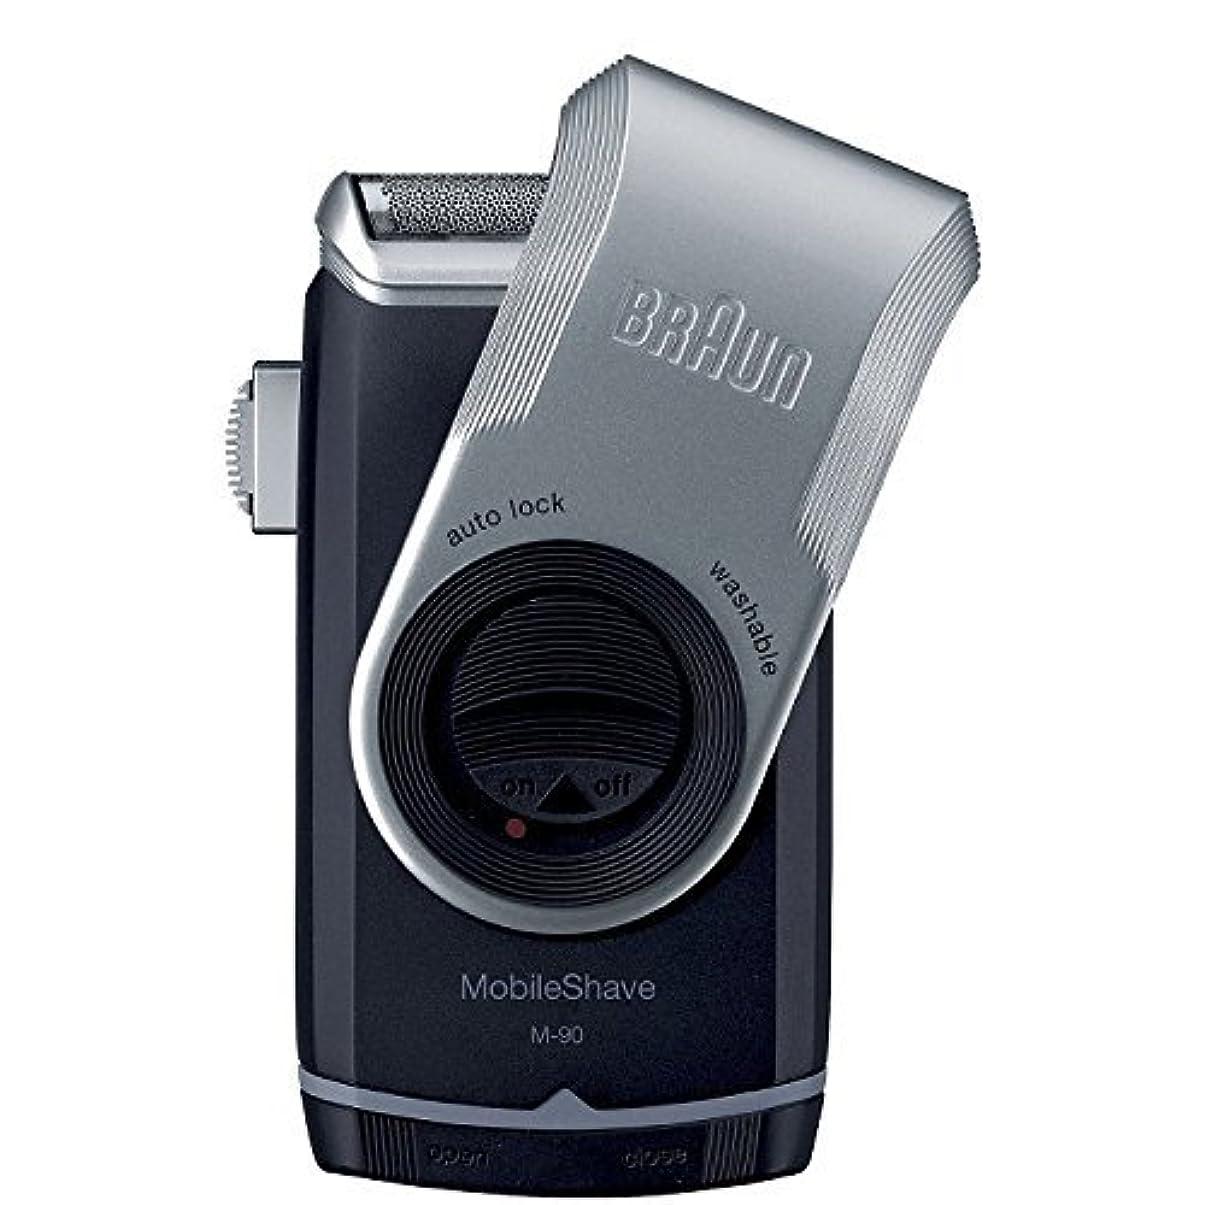 該当する万歳強要Braun M90 Pocketgo Mobileshave スマートホイルでポータブルシェーバー [並行輸入品]